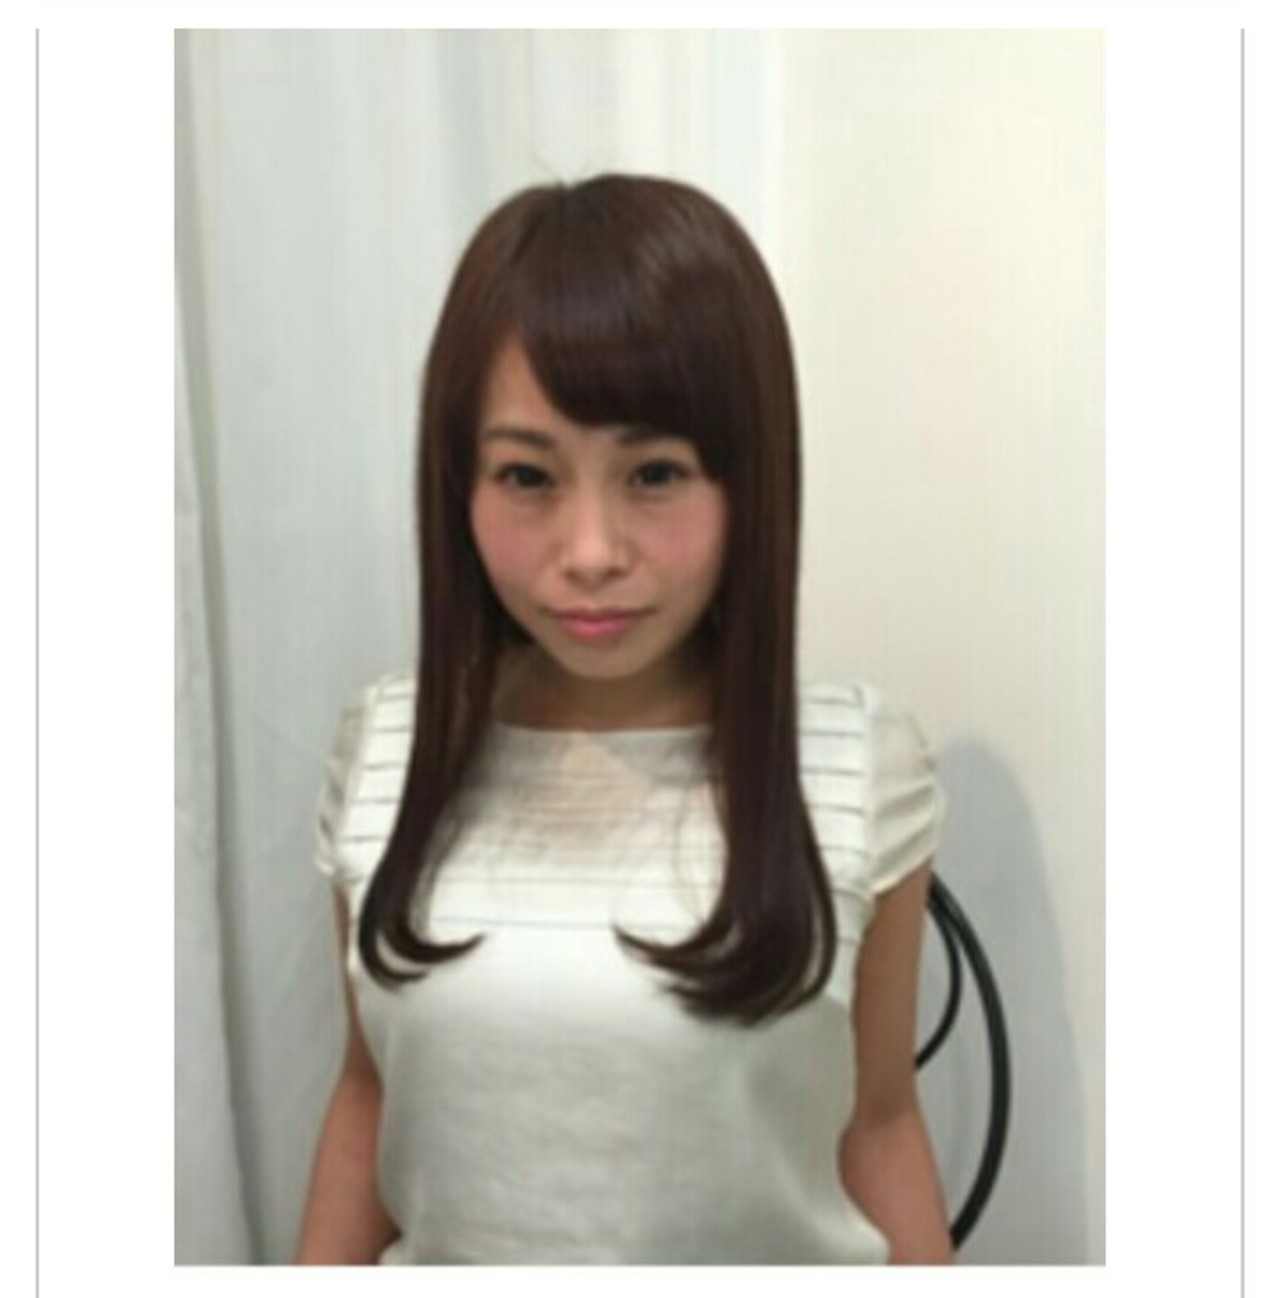 ロング ストレート エレガント 透明感 ヘアスタイルや髪型の写真・画像